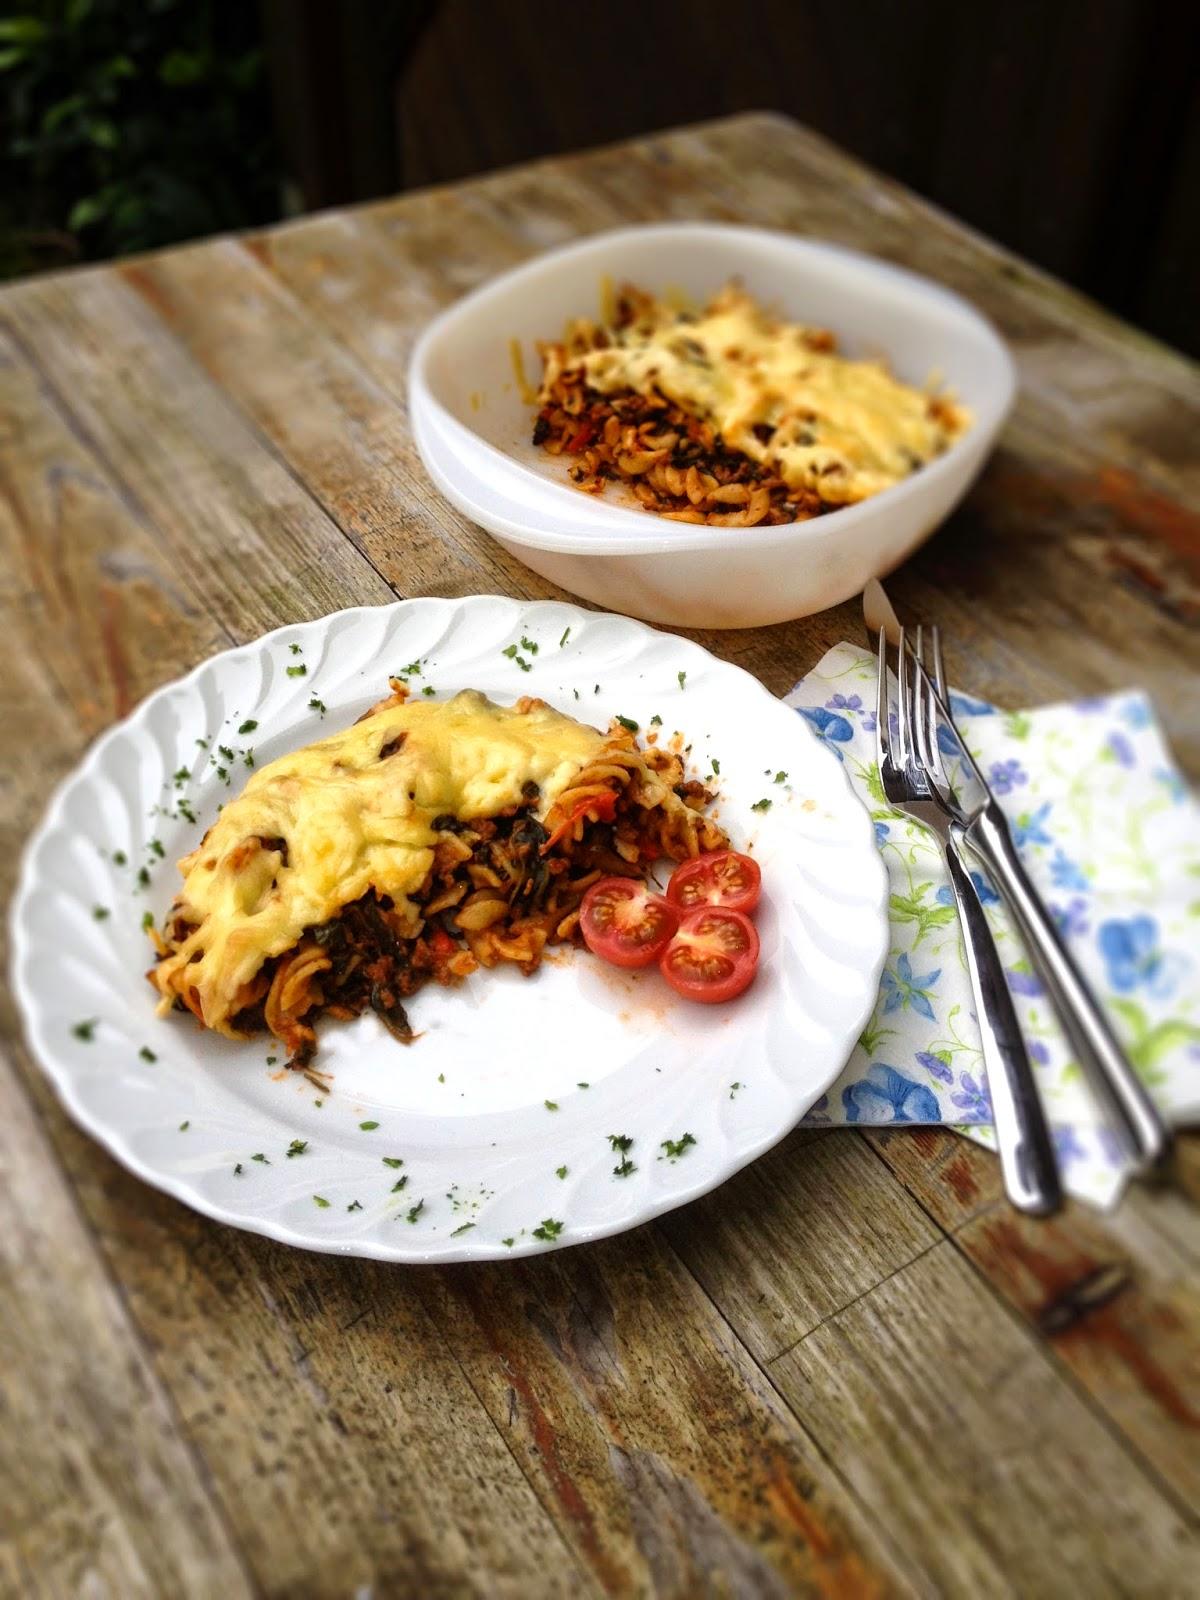 Zusammenfassung 3. Blogevent: AUFLAUF&Co - LECKER&Co | Foodblog ...